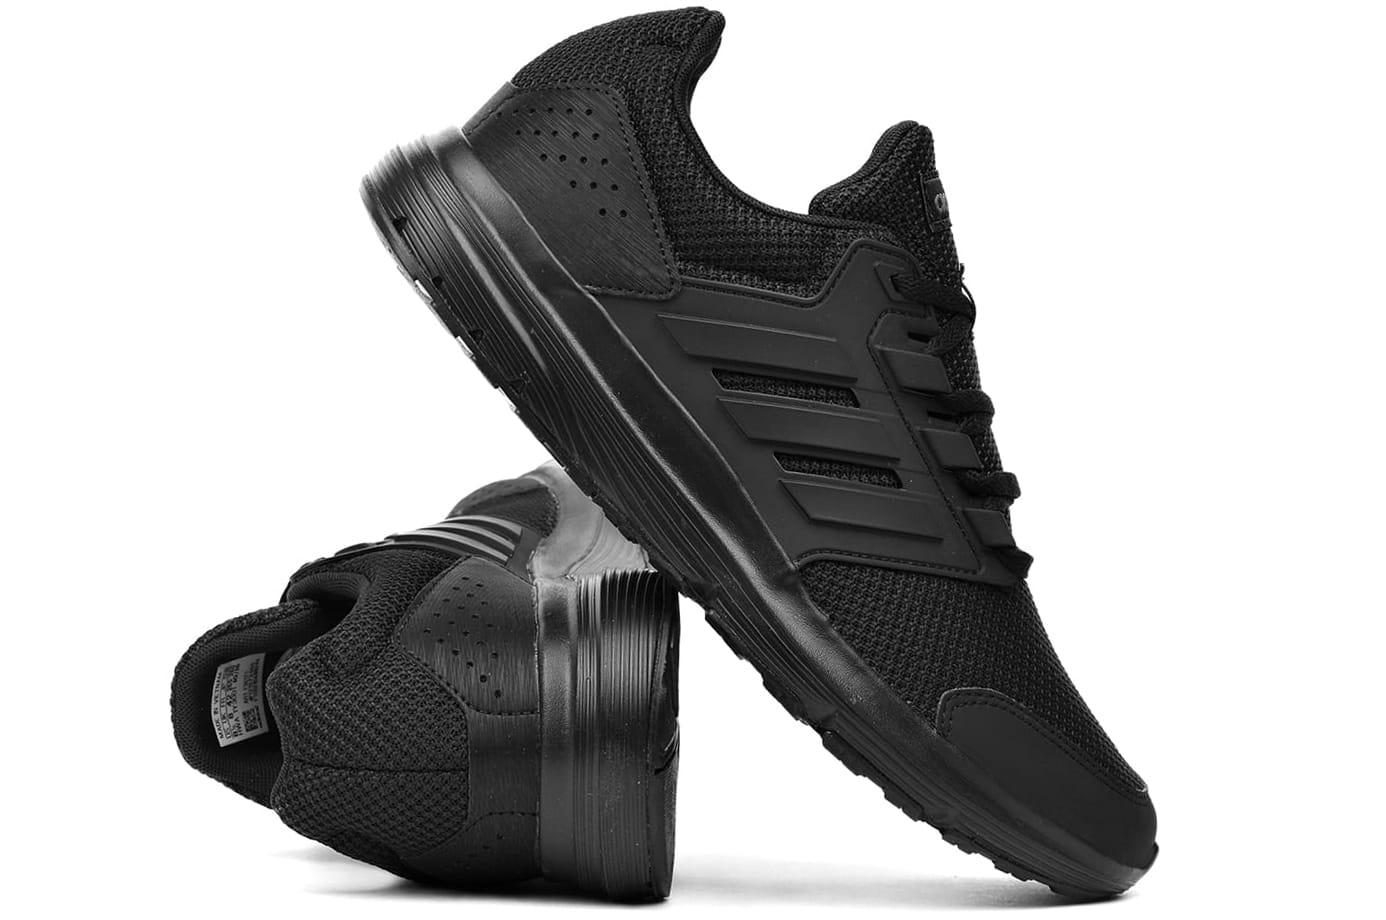 e27e0bff Buty Męskie Adidas GALAXY 4 czarne (F36171) ProSport24.pl ...